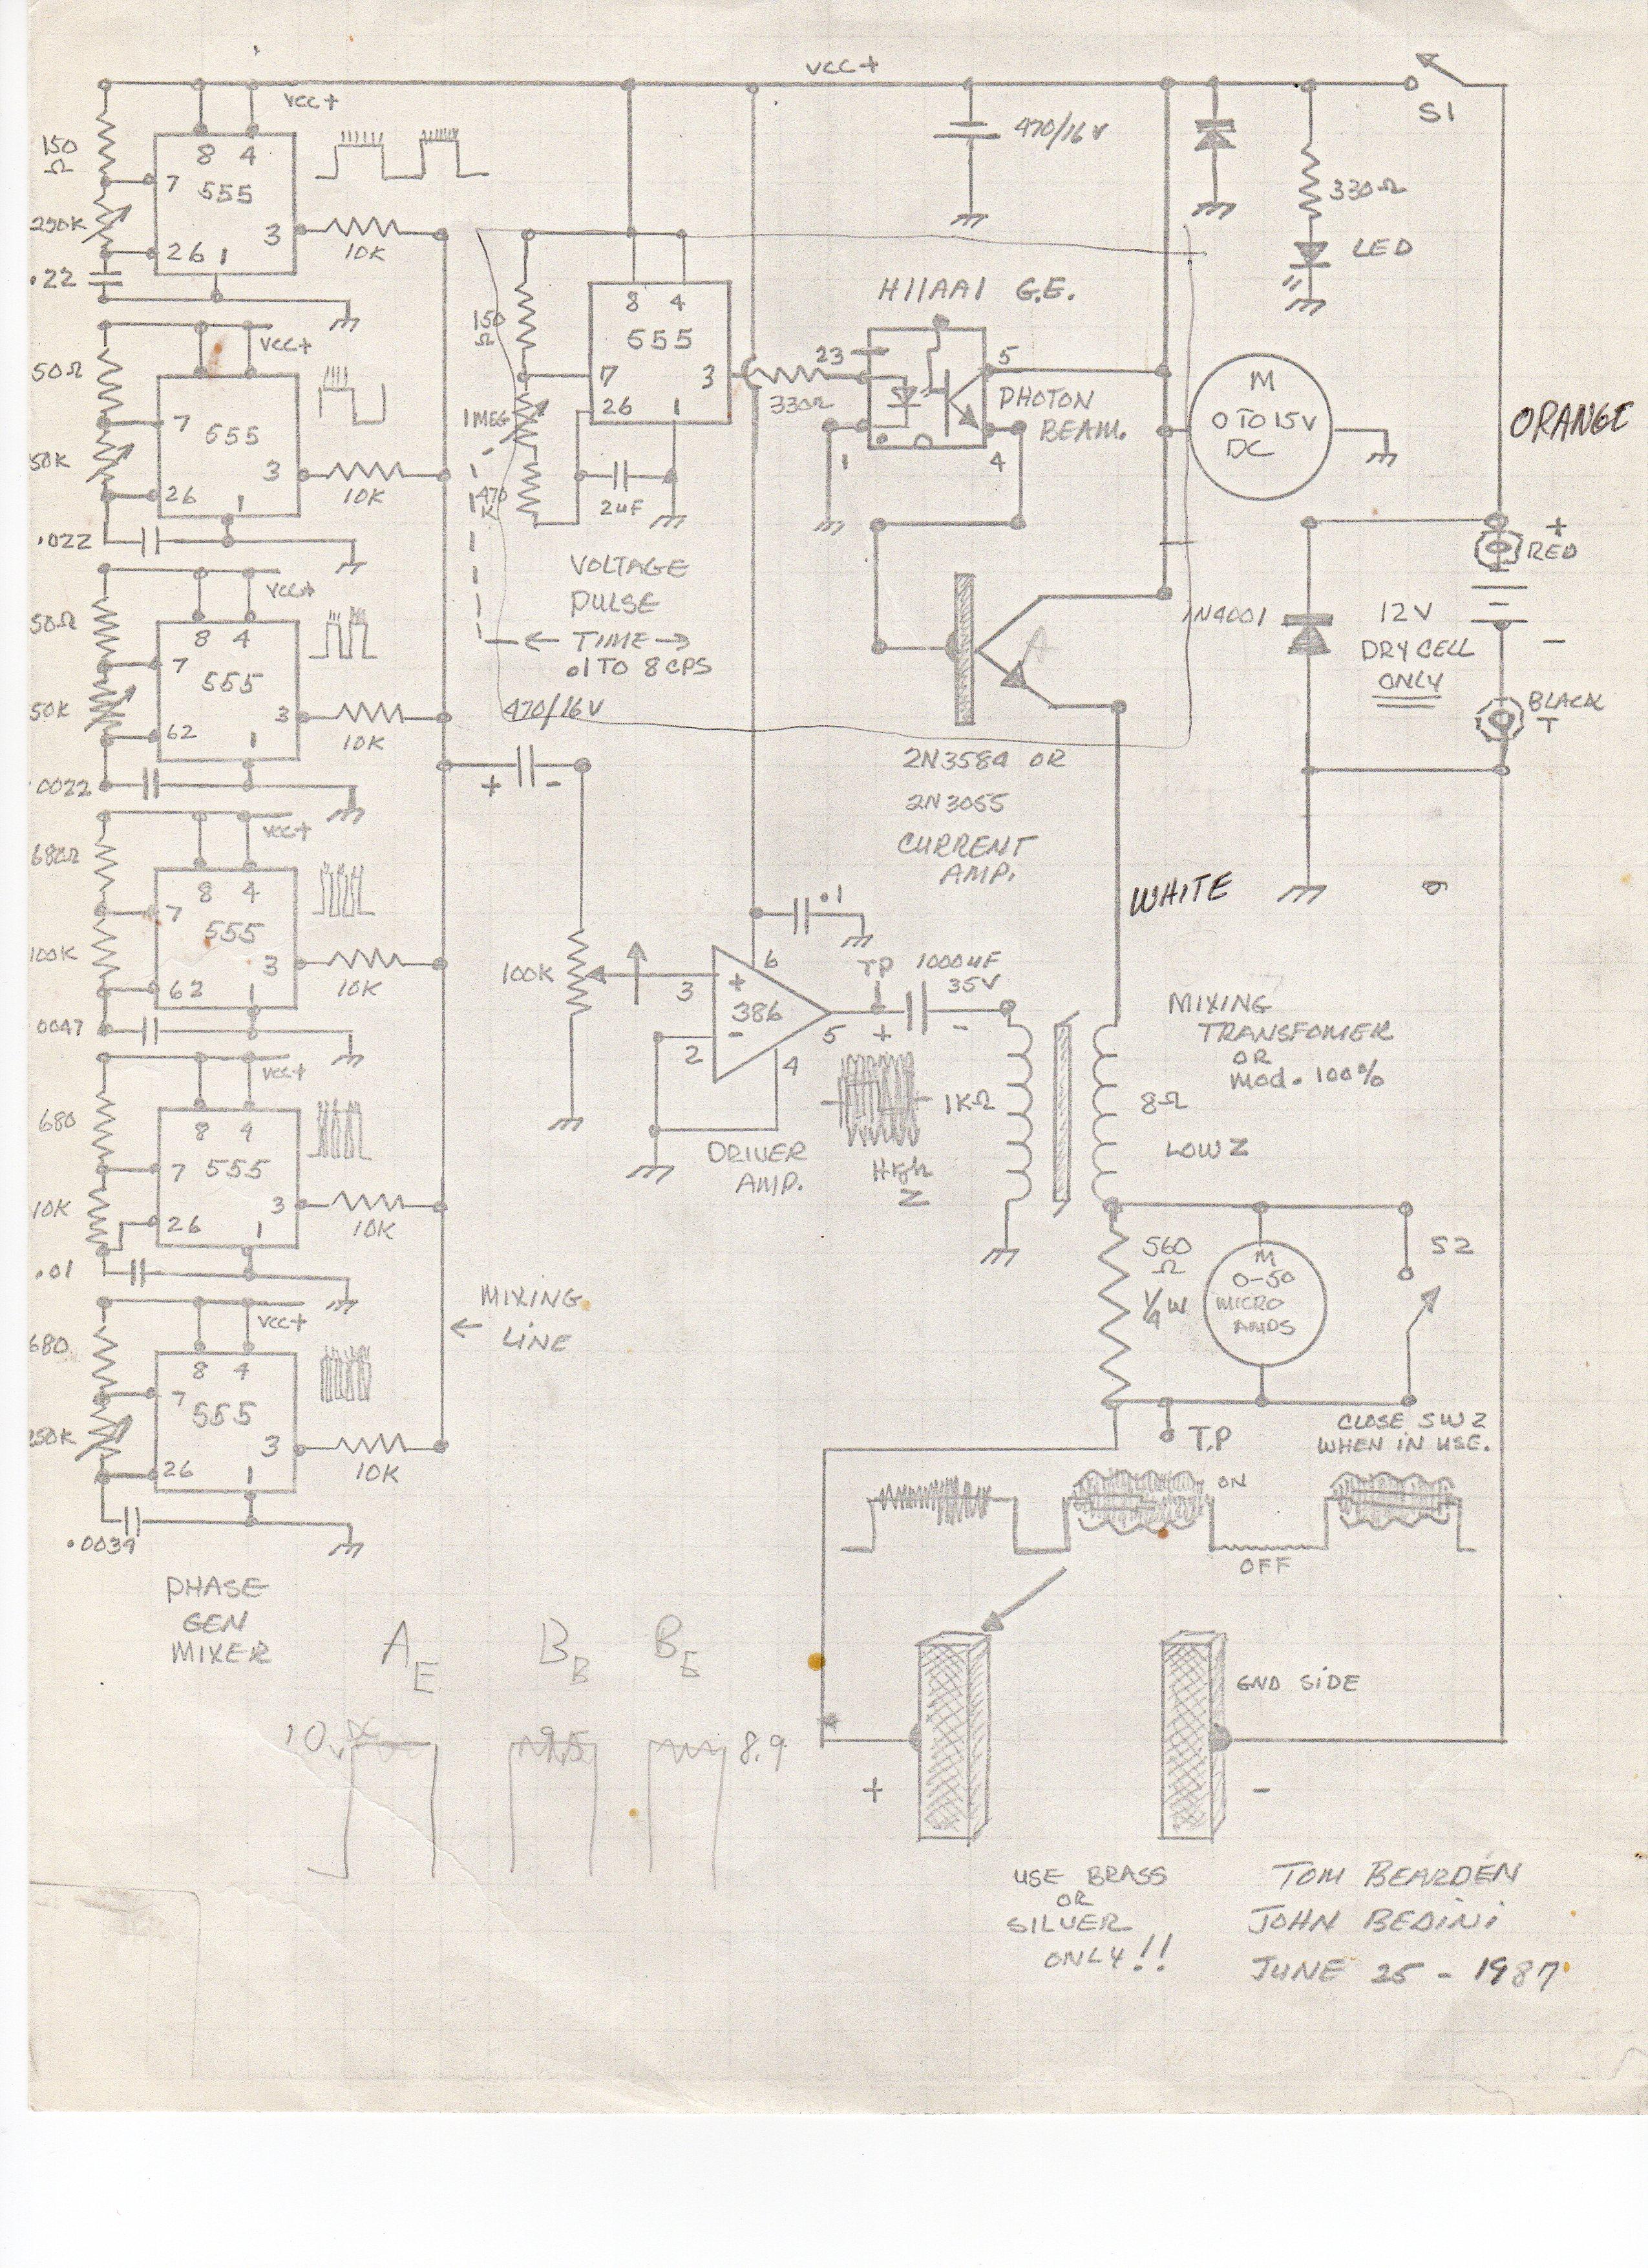 Bedini Virus Killer Schematic Alternating Current Generator Diagram Besides Motor Http Johnbedininet John34 Medmachine010